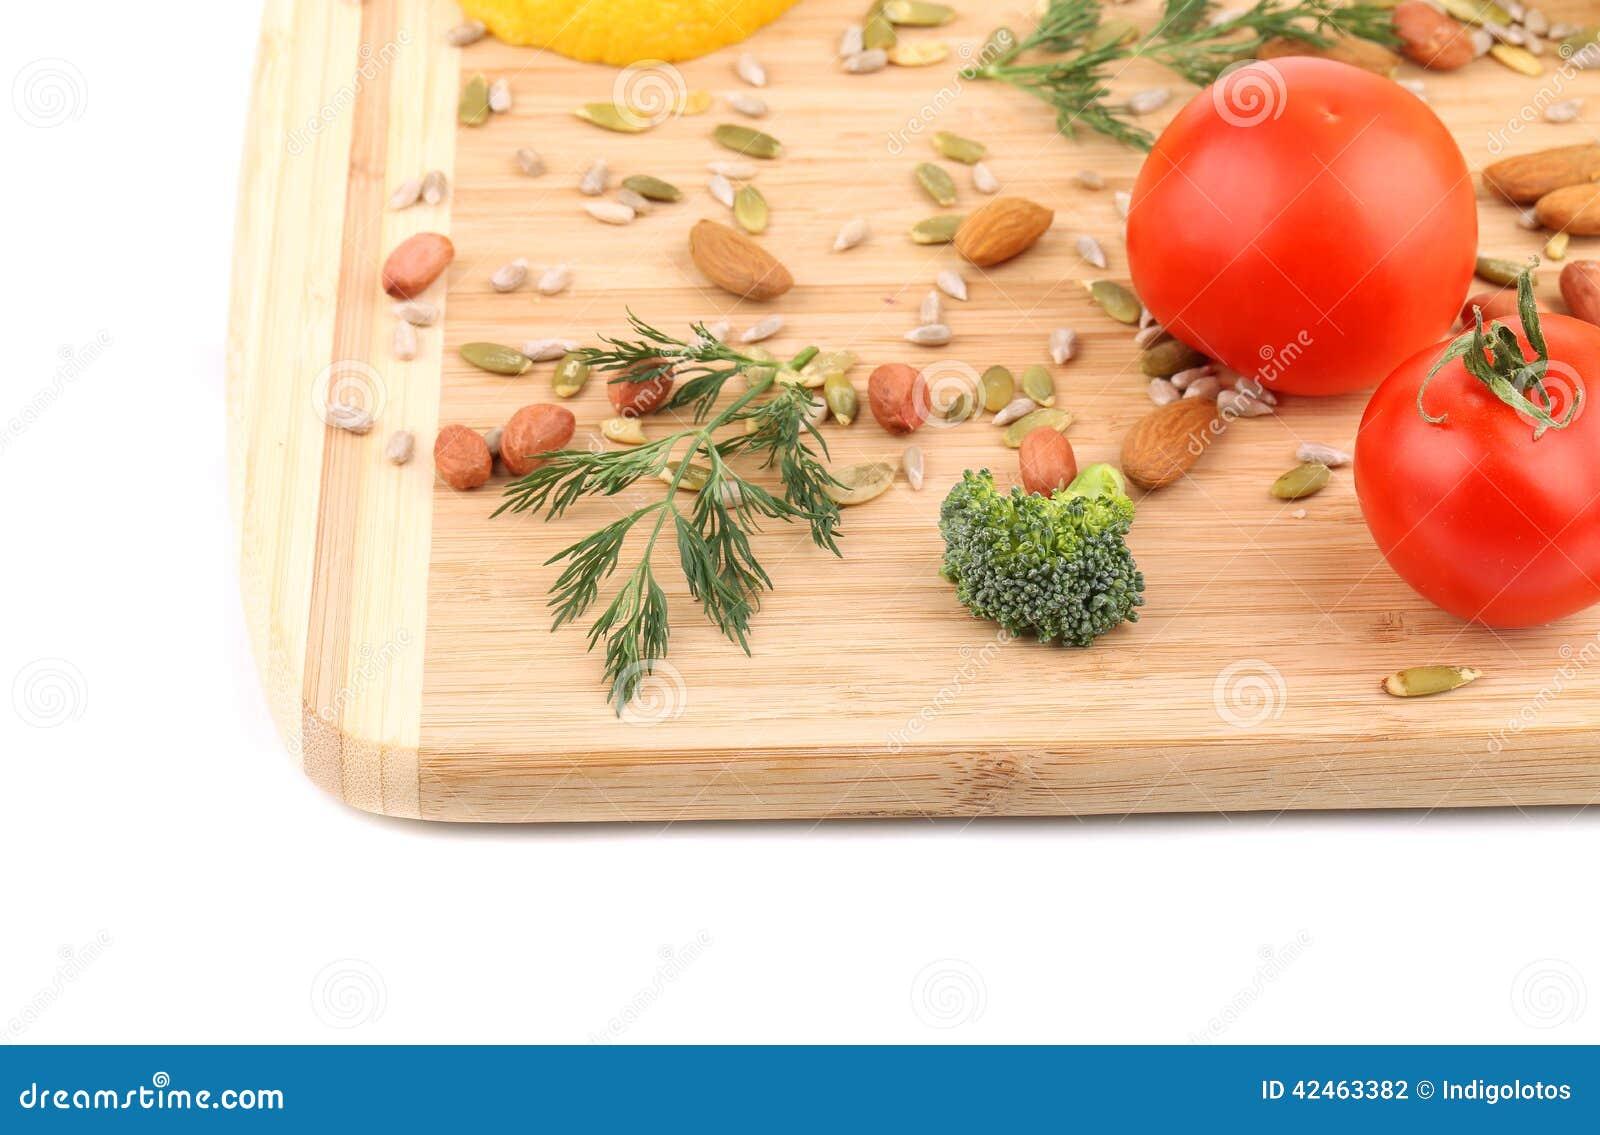 Clseup von Nüssen und von Gemüse